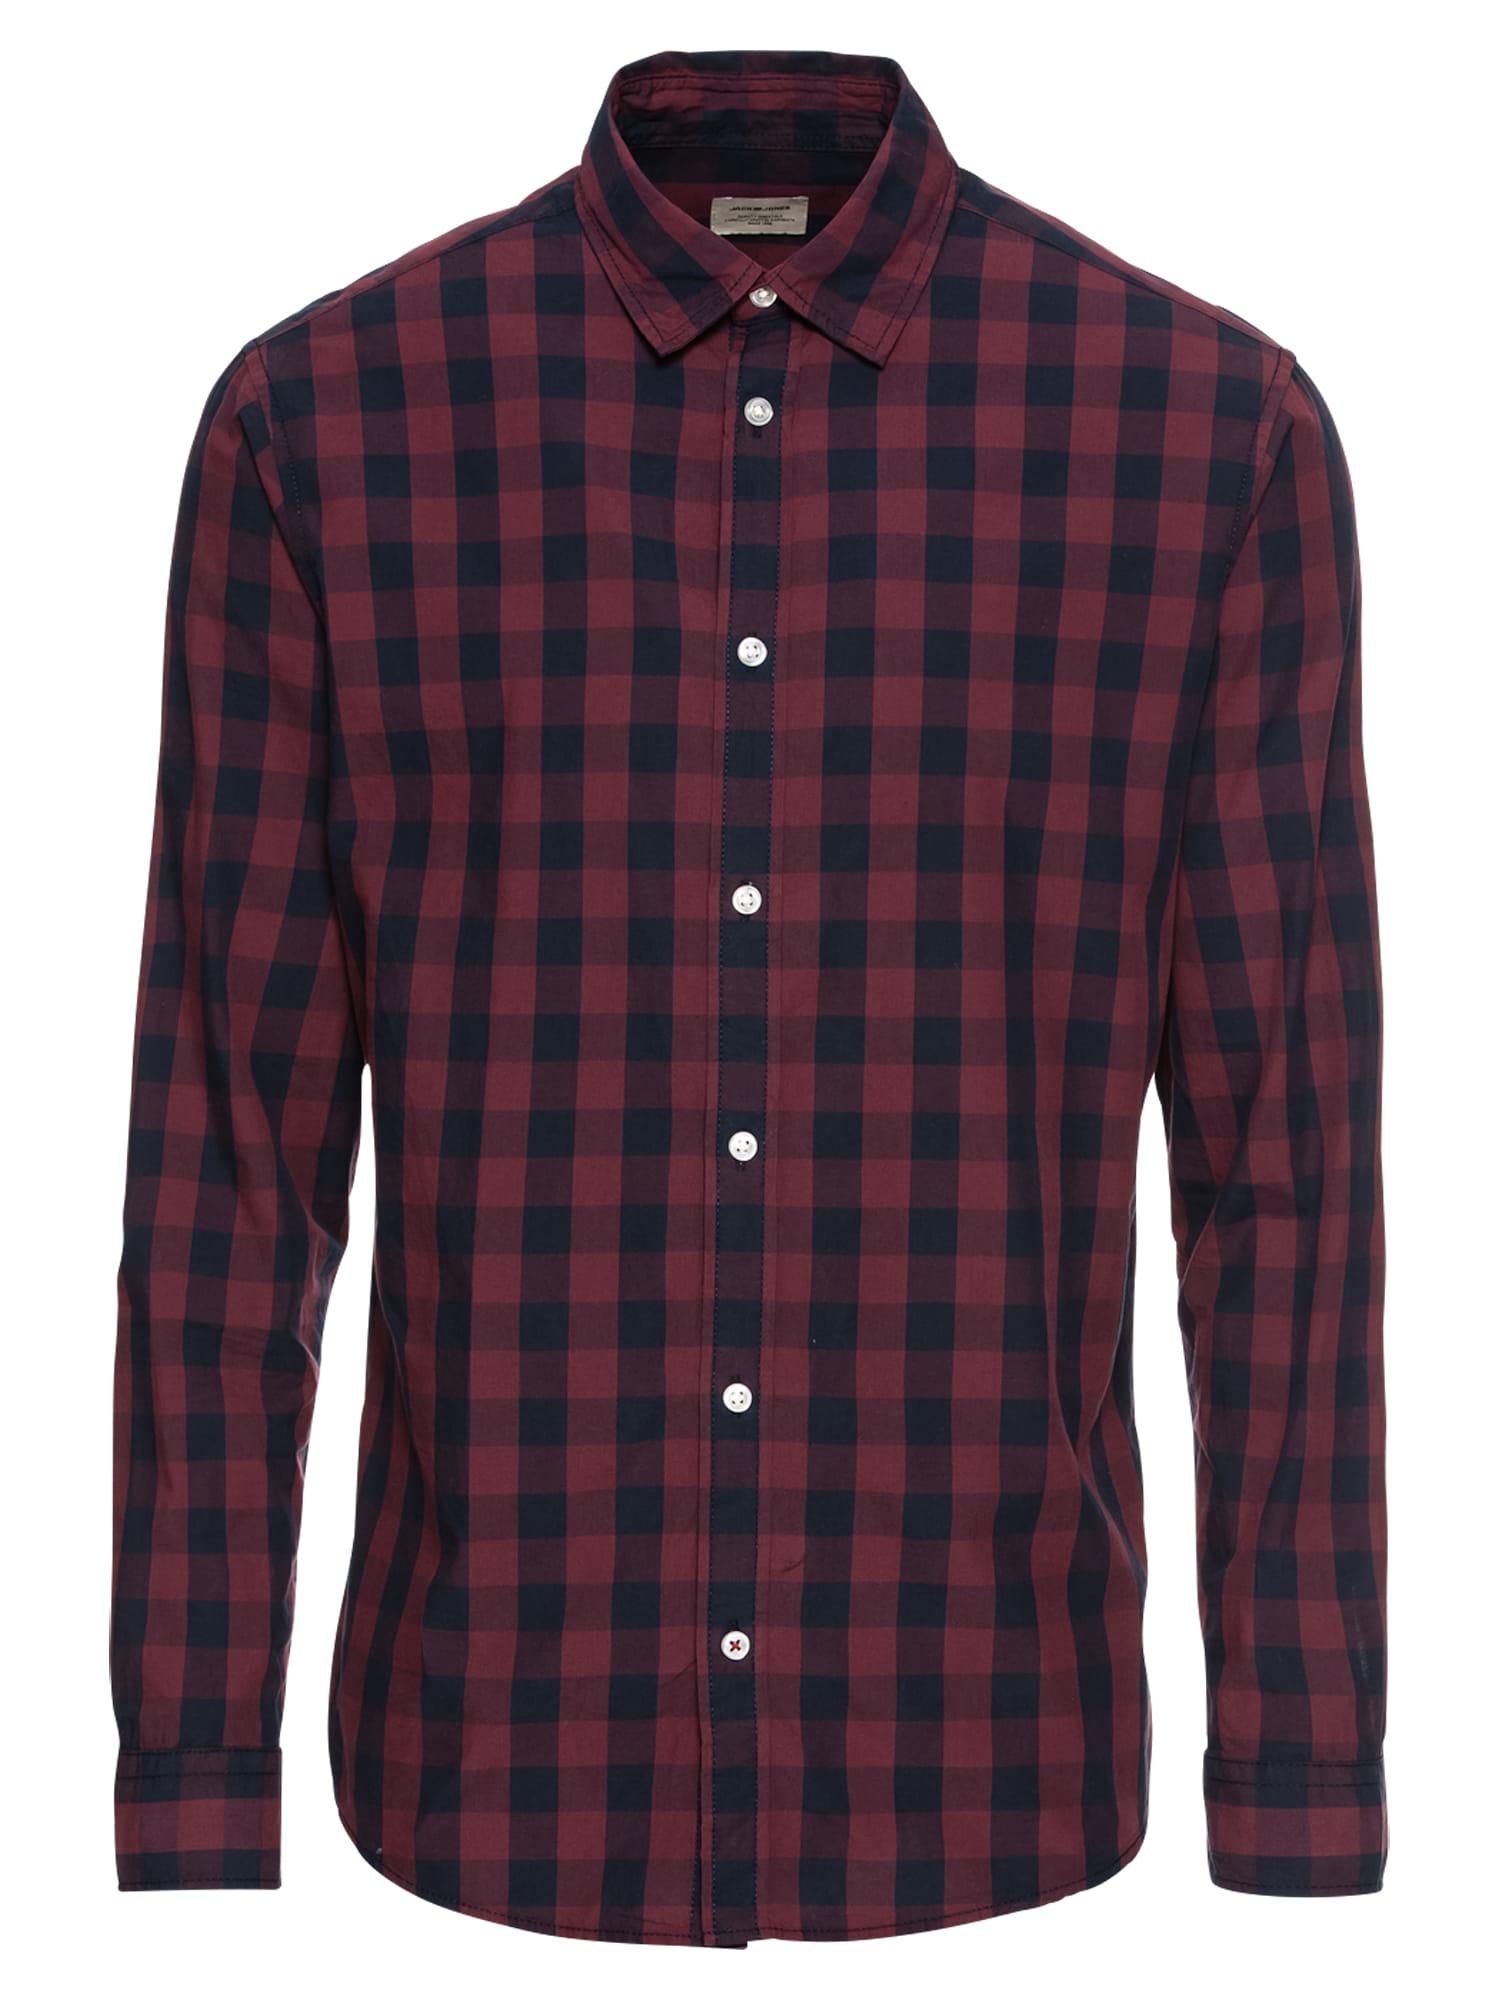 JACK & JONES Dalykiniai marškiniai 'JJEGINGHAM' vyno raudona spalva / tamsiai mėlyna